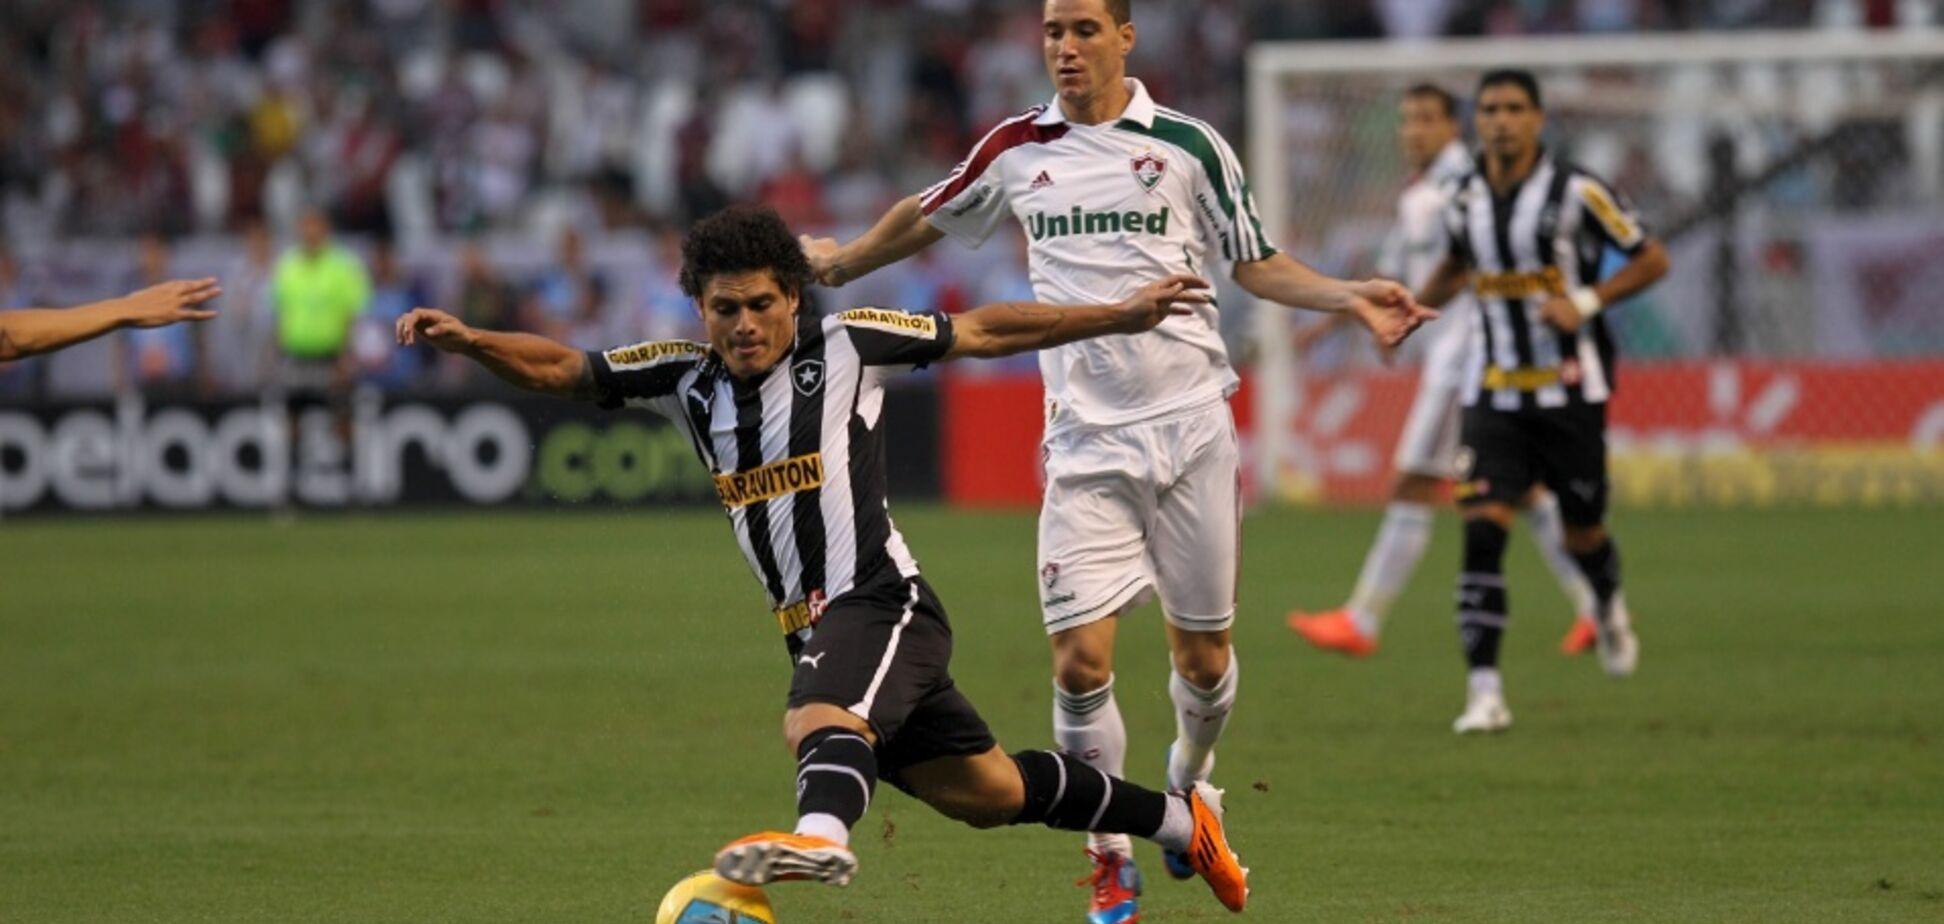 Официально: 'Шахтер' объявил о трансфере бразильского футболиста